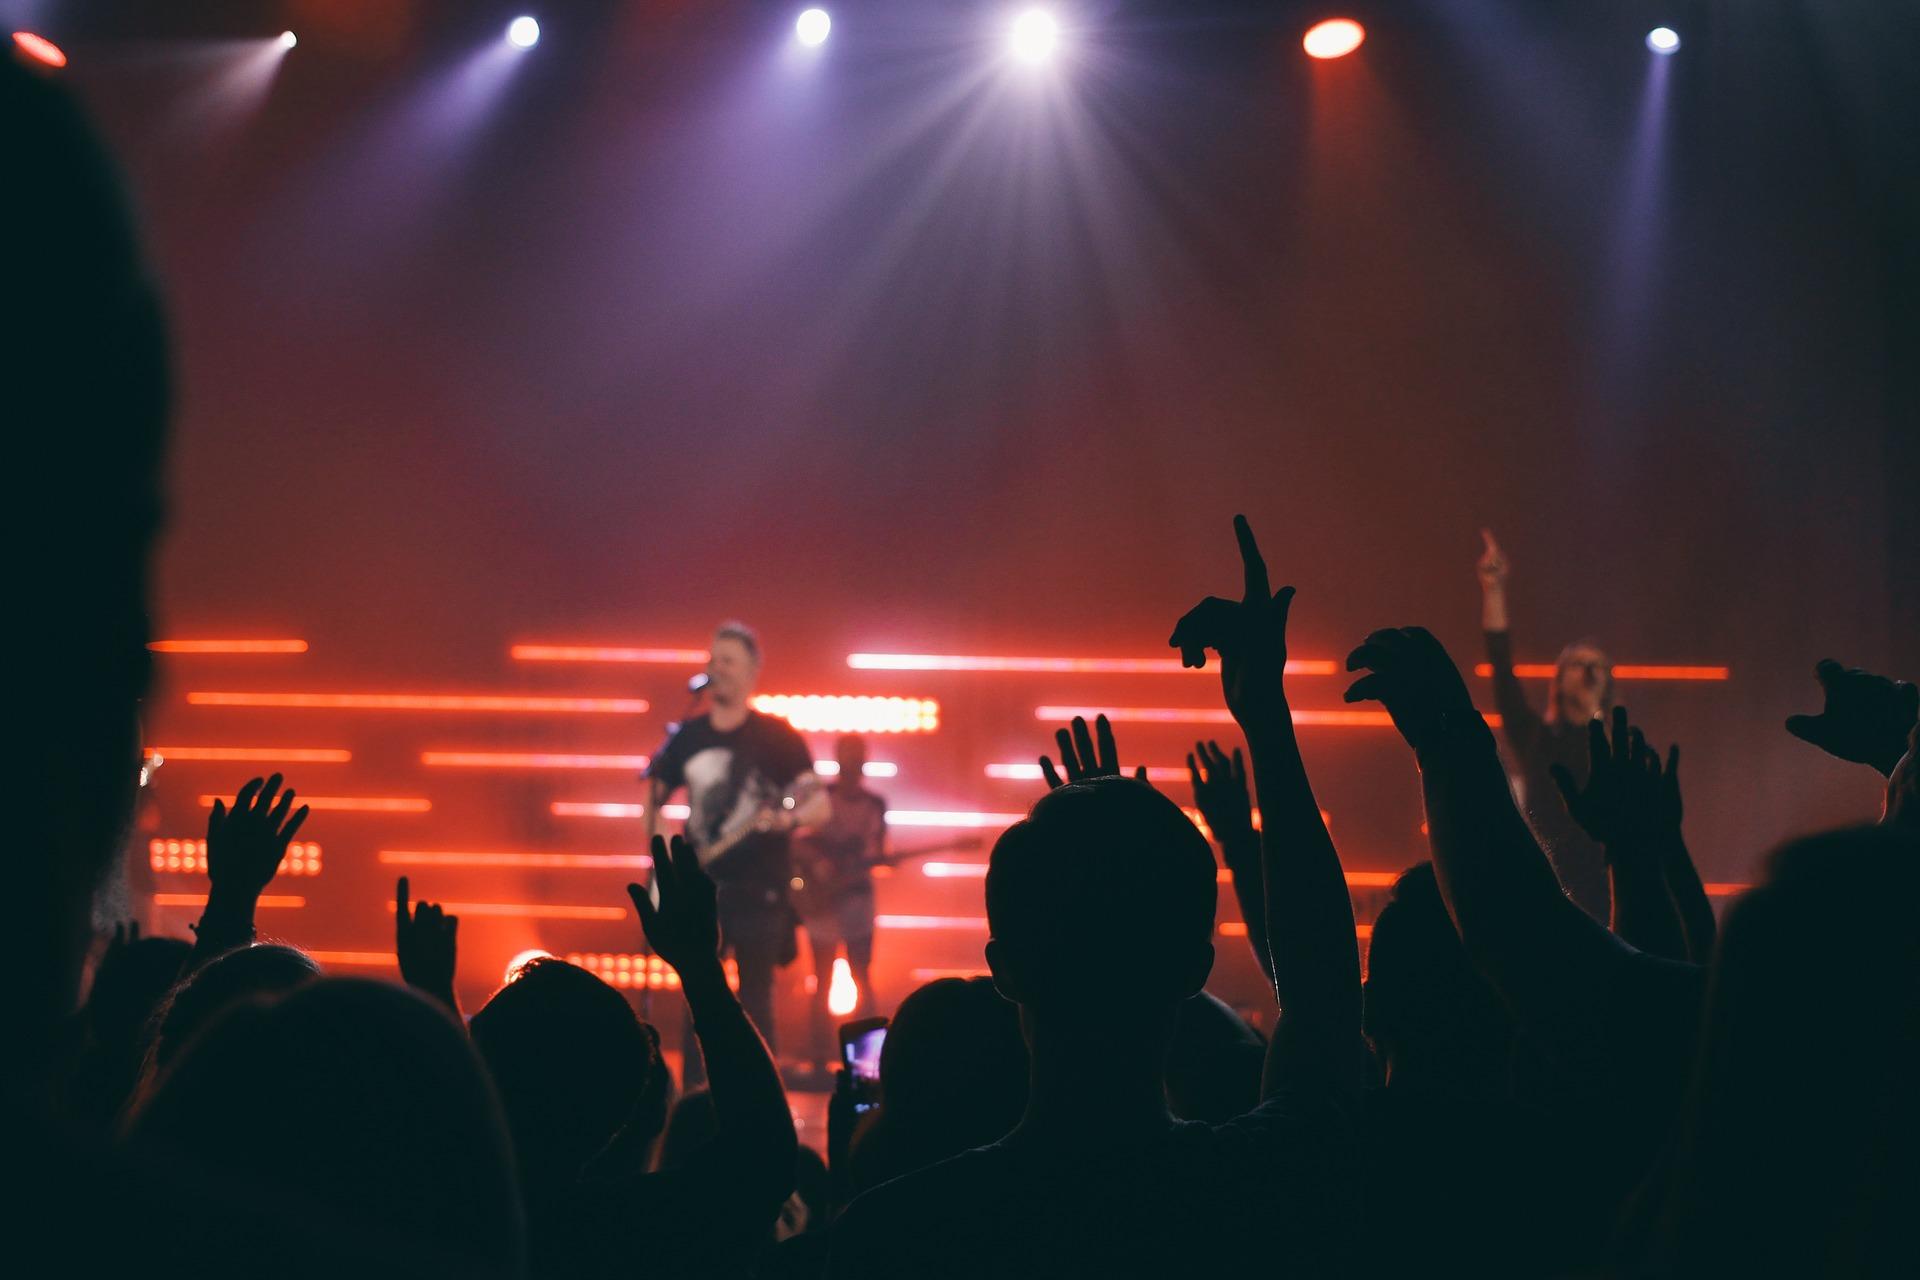 Les règles de rupture anticipée du CDD concernent aussi les groupes de rock